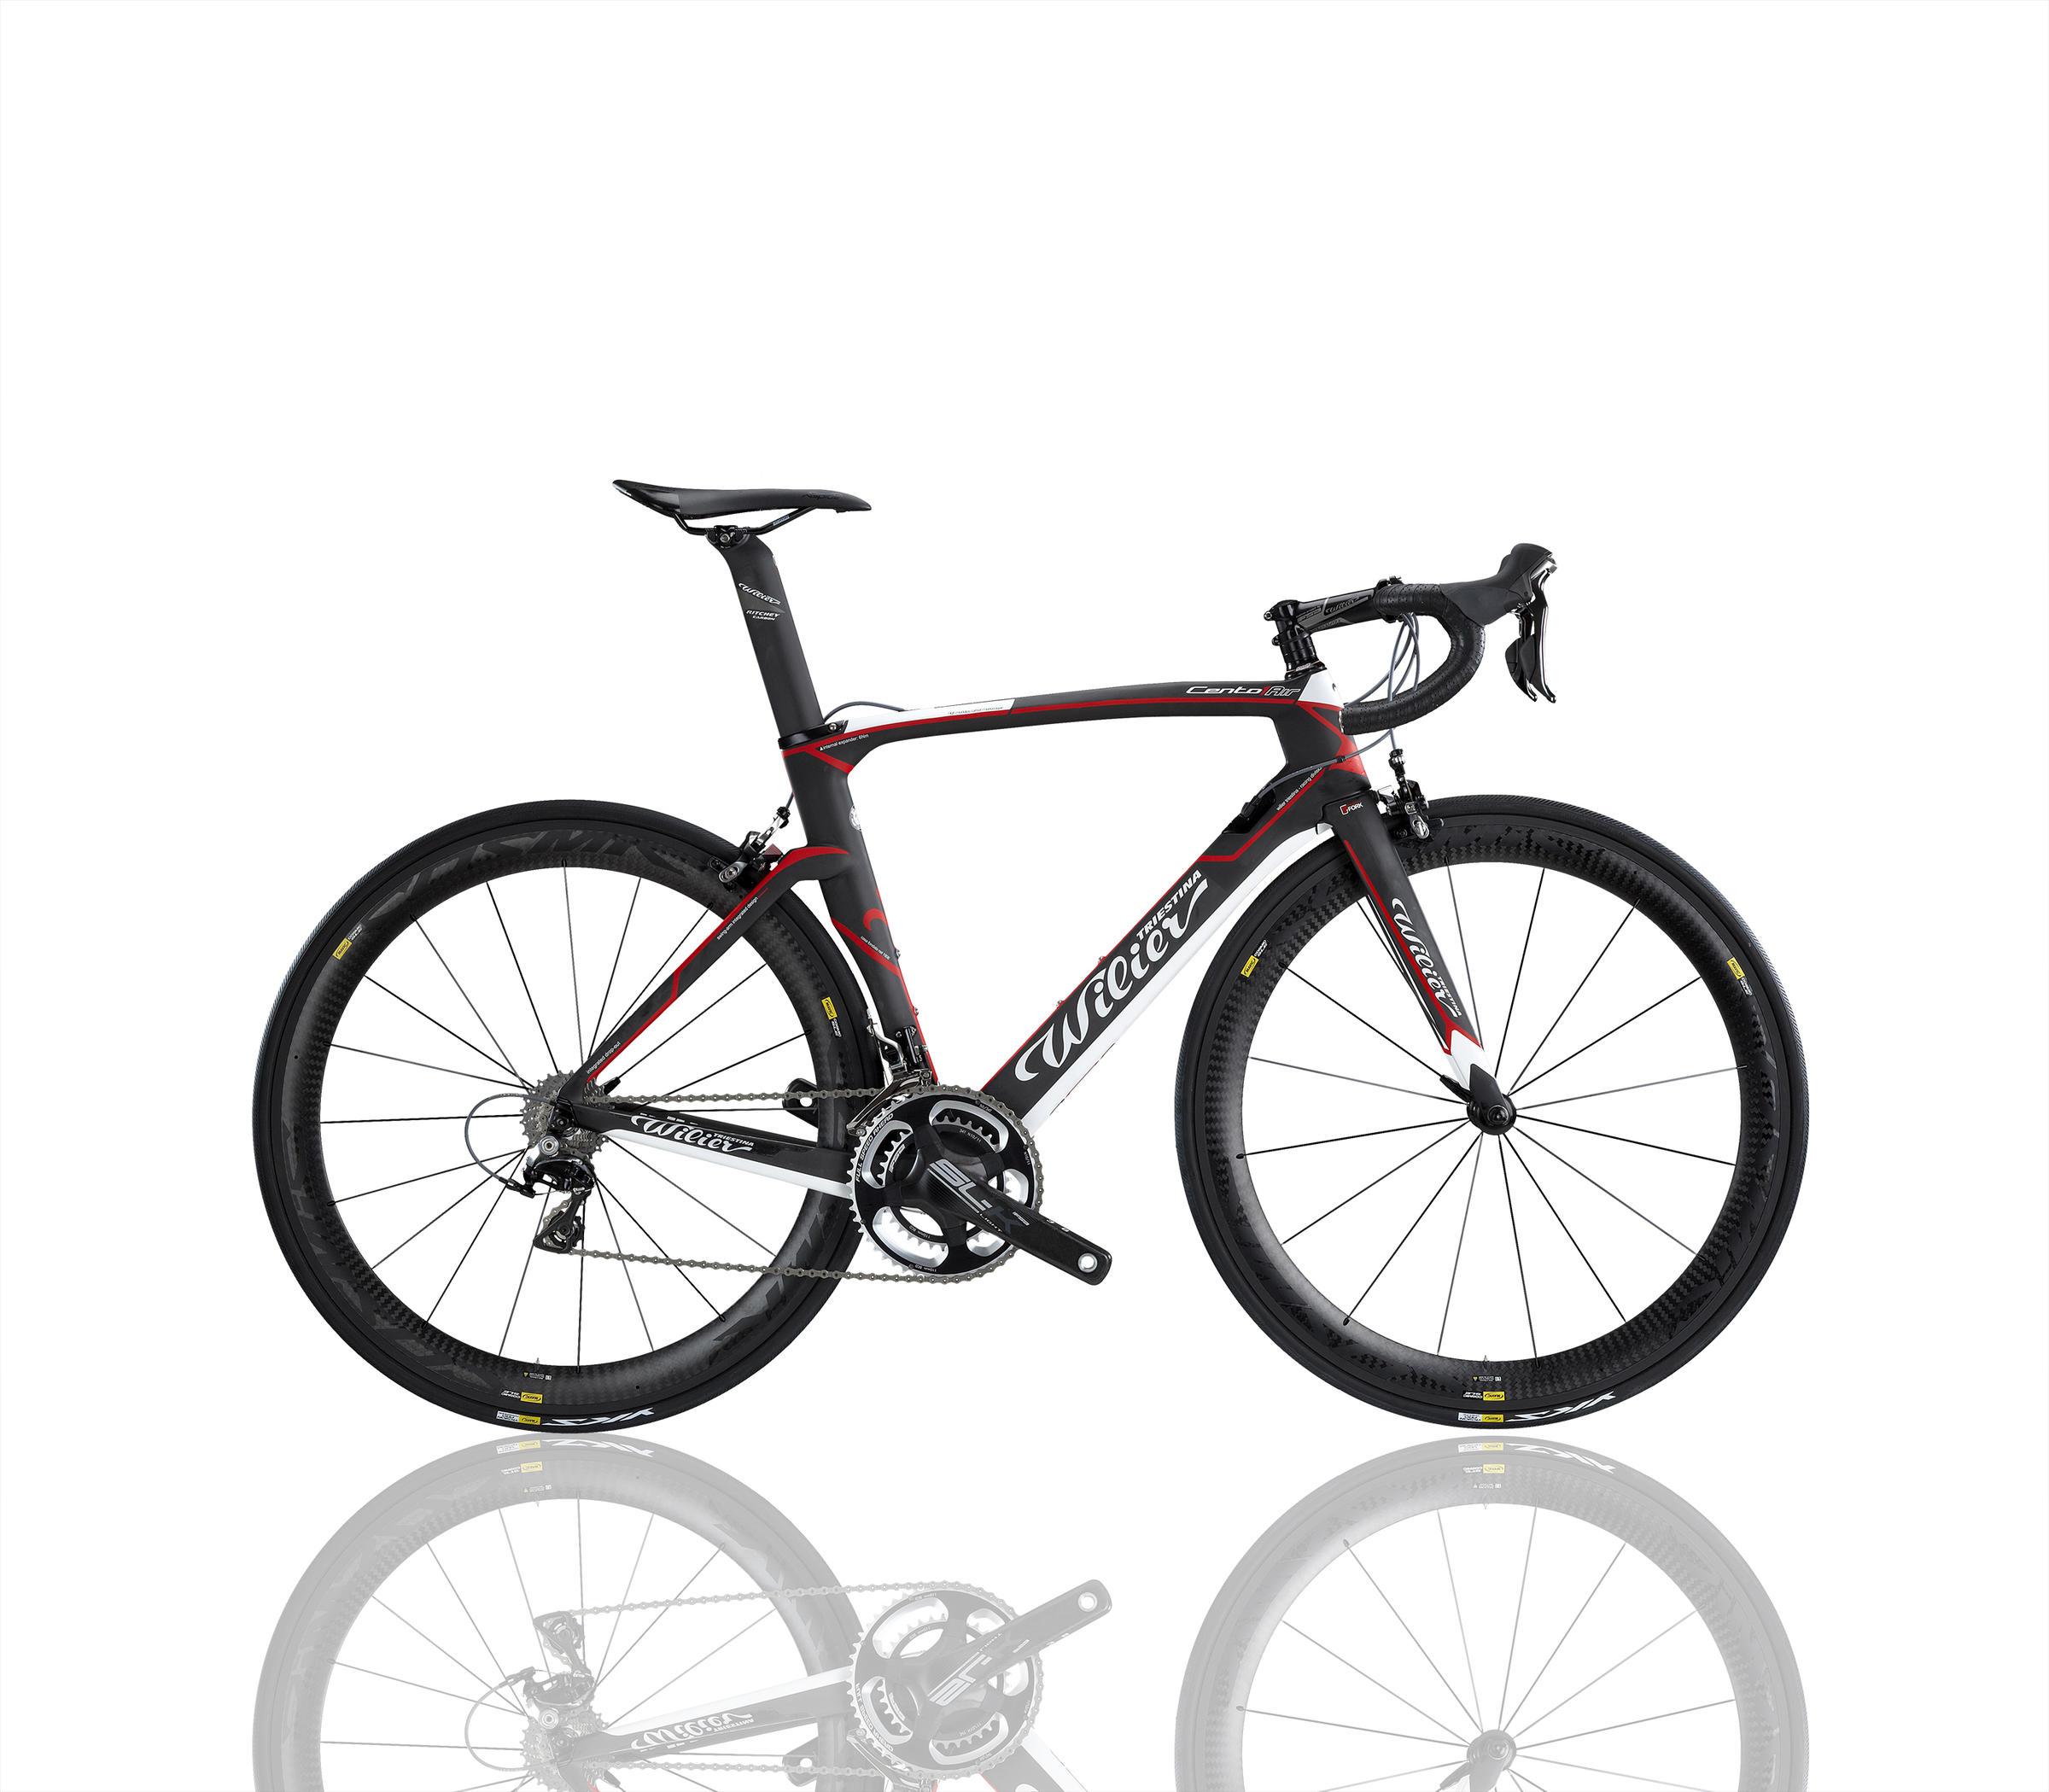 a07d7d754d9 Wilier Triestina Cento1 AIR Frameset - Handlebar Cyclery - Katy, TX